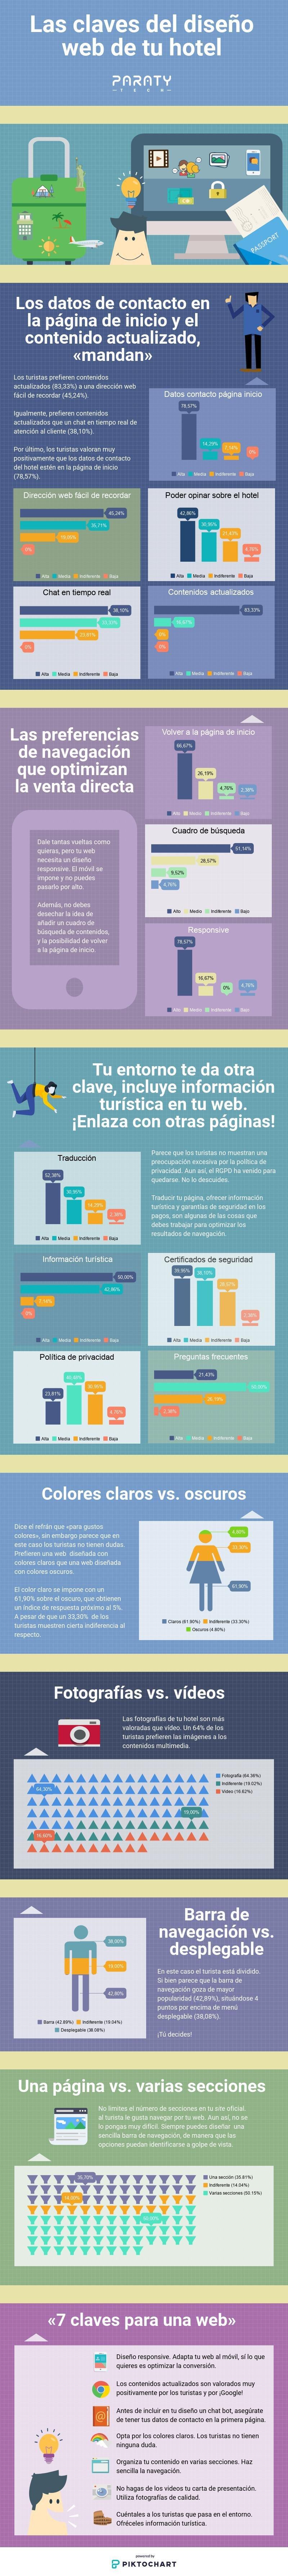 Infografía de Paraty Tech.